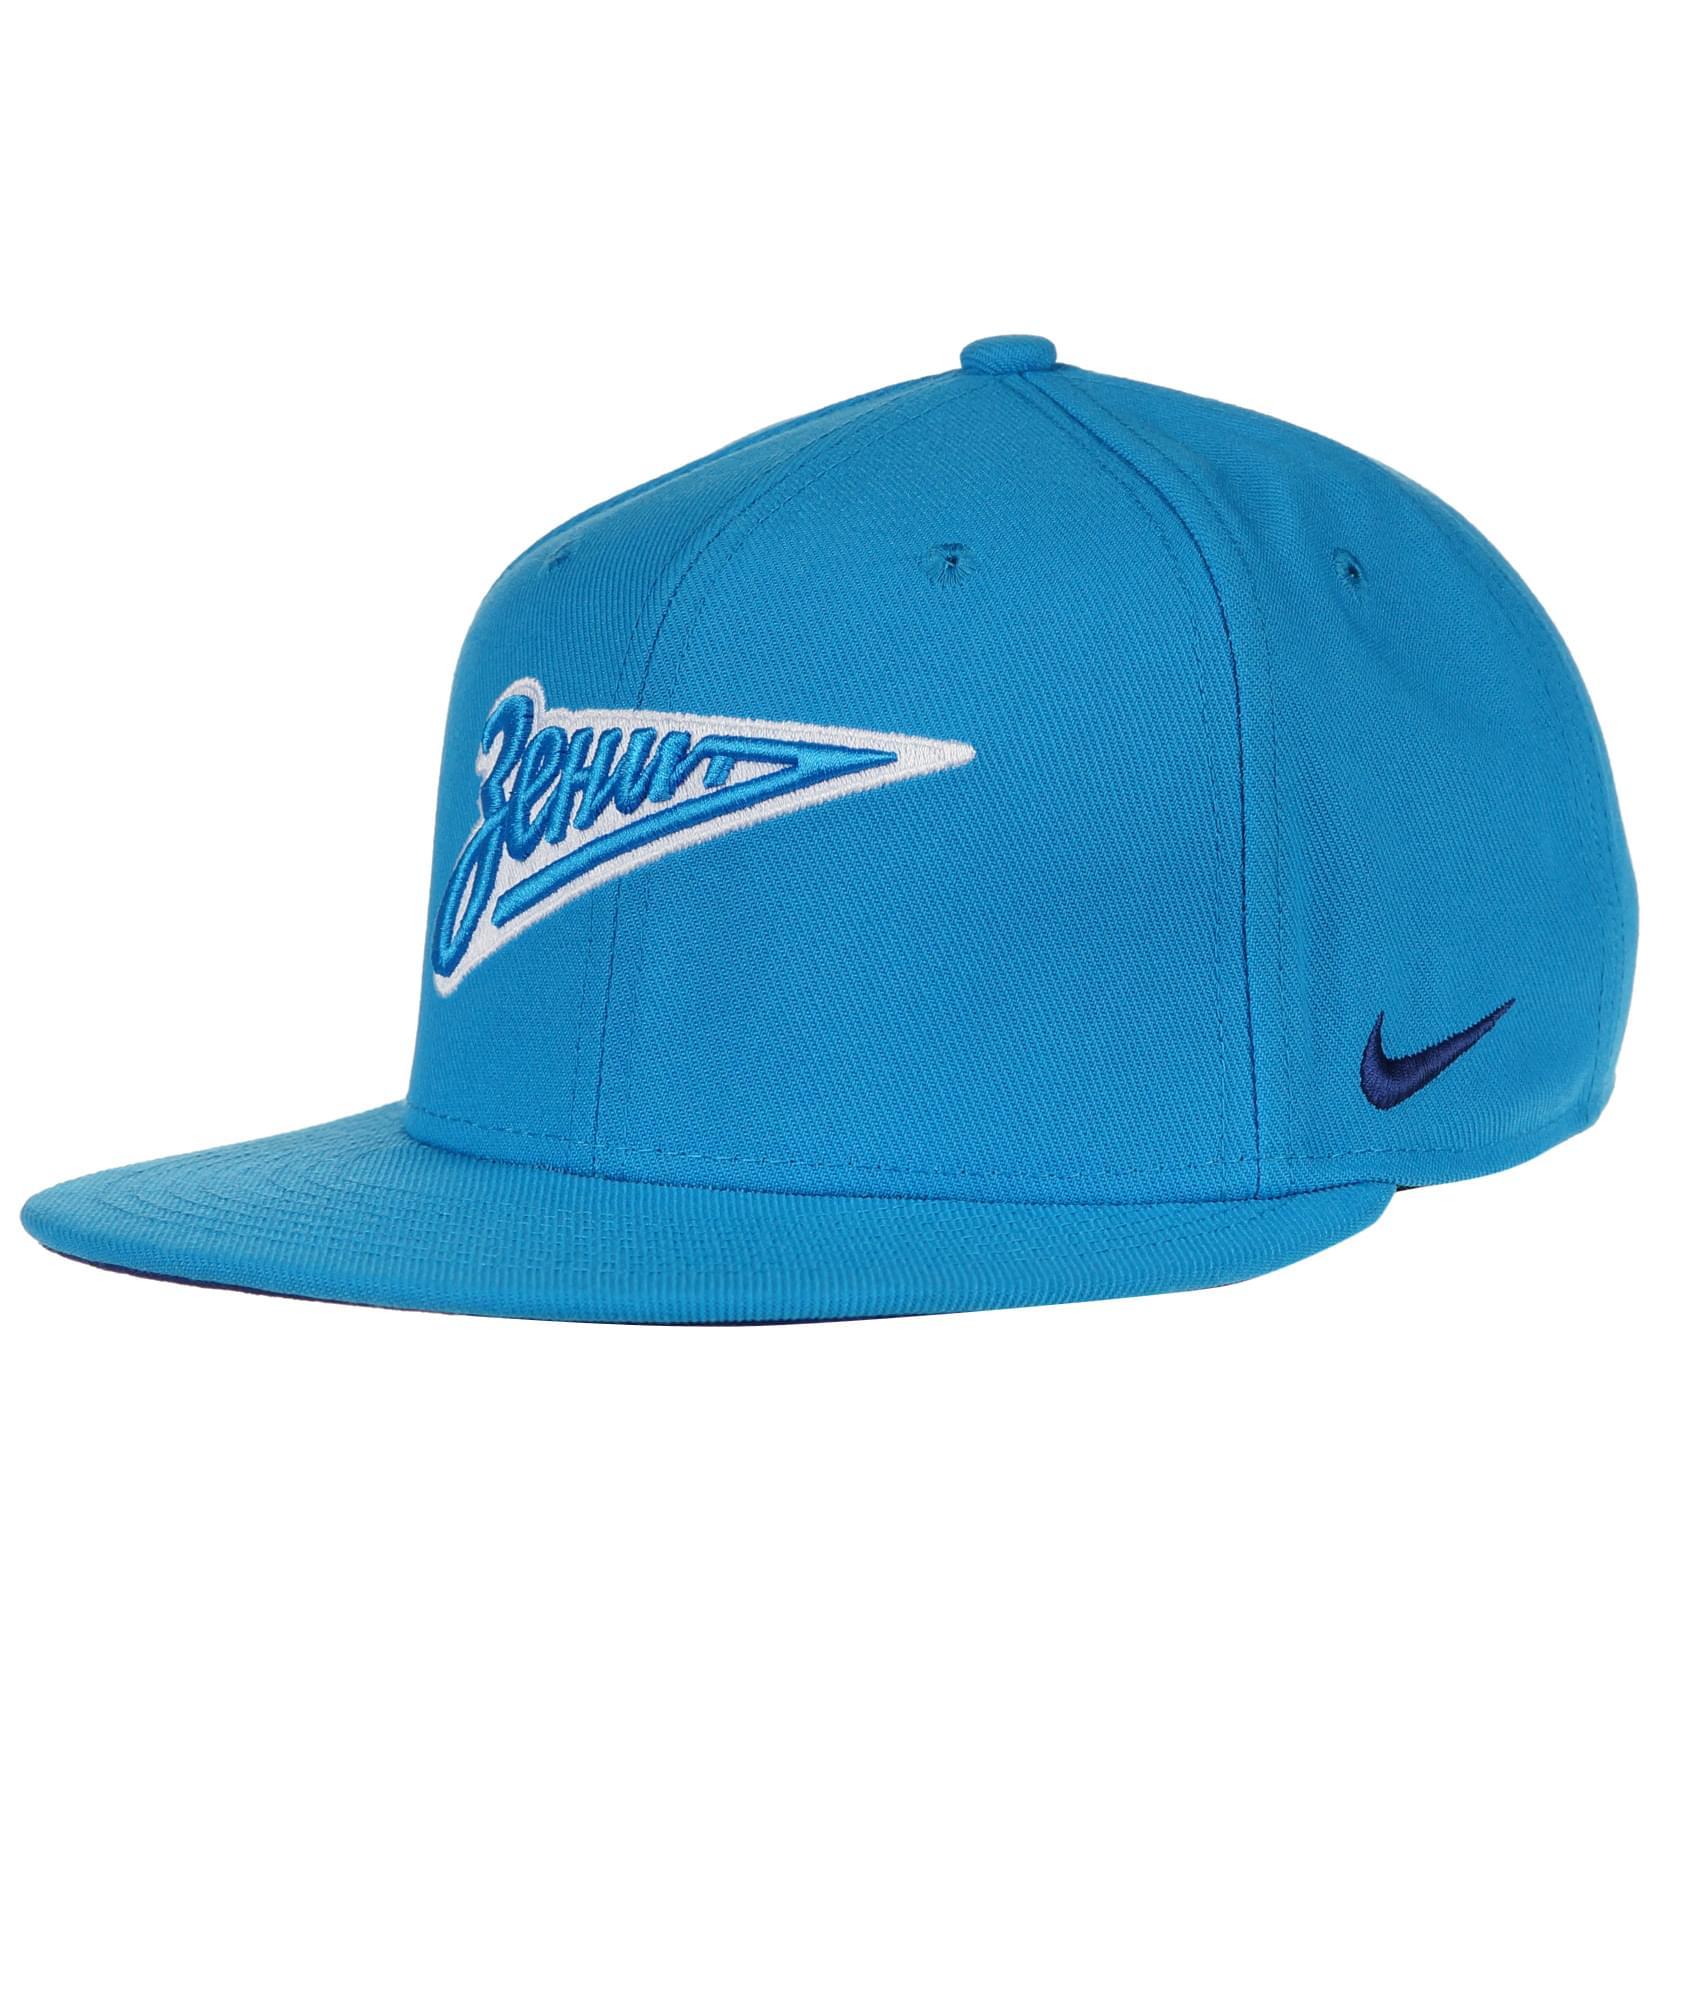 купить Бейсболка Nike, Цвет-Лазурный, Размер-MISC дешево